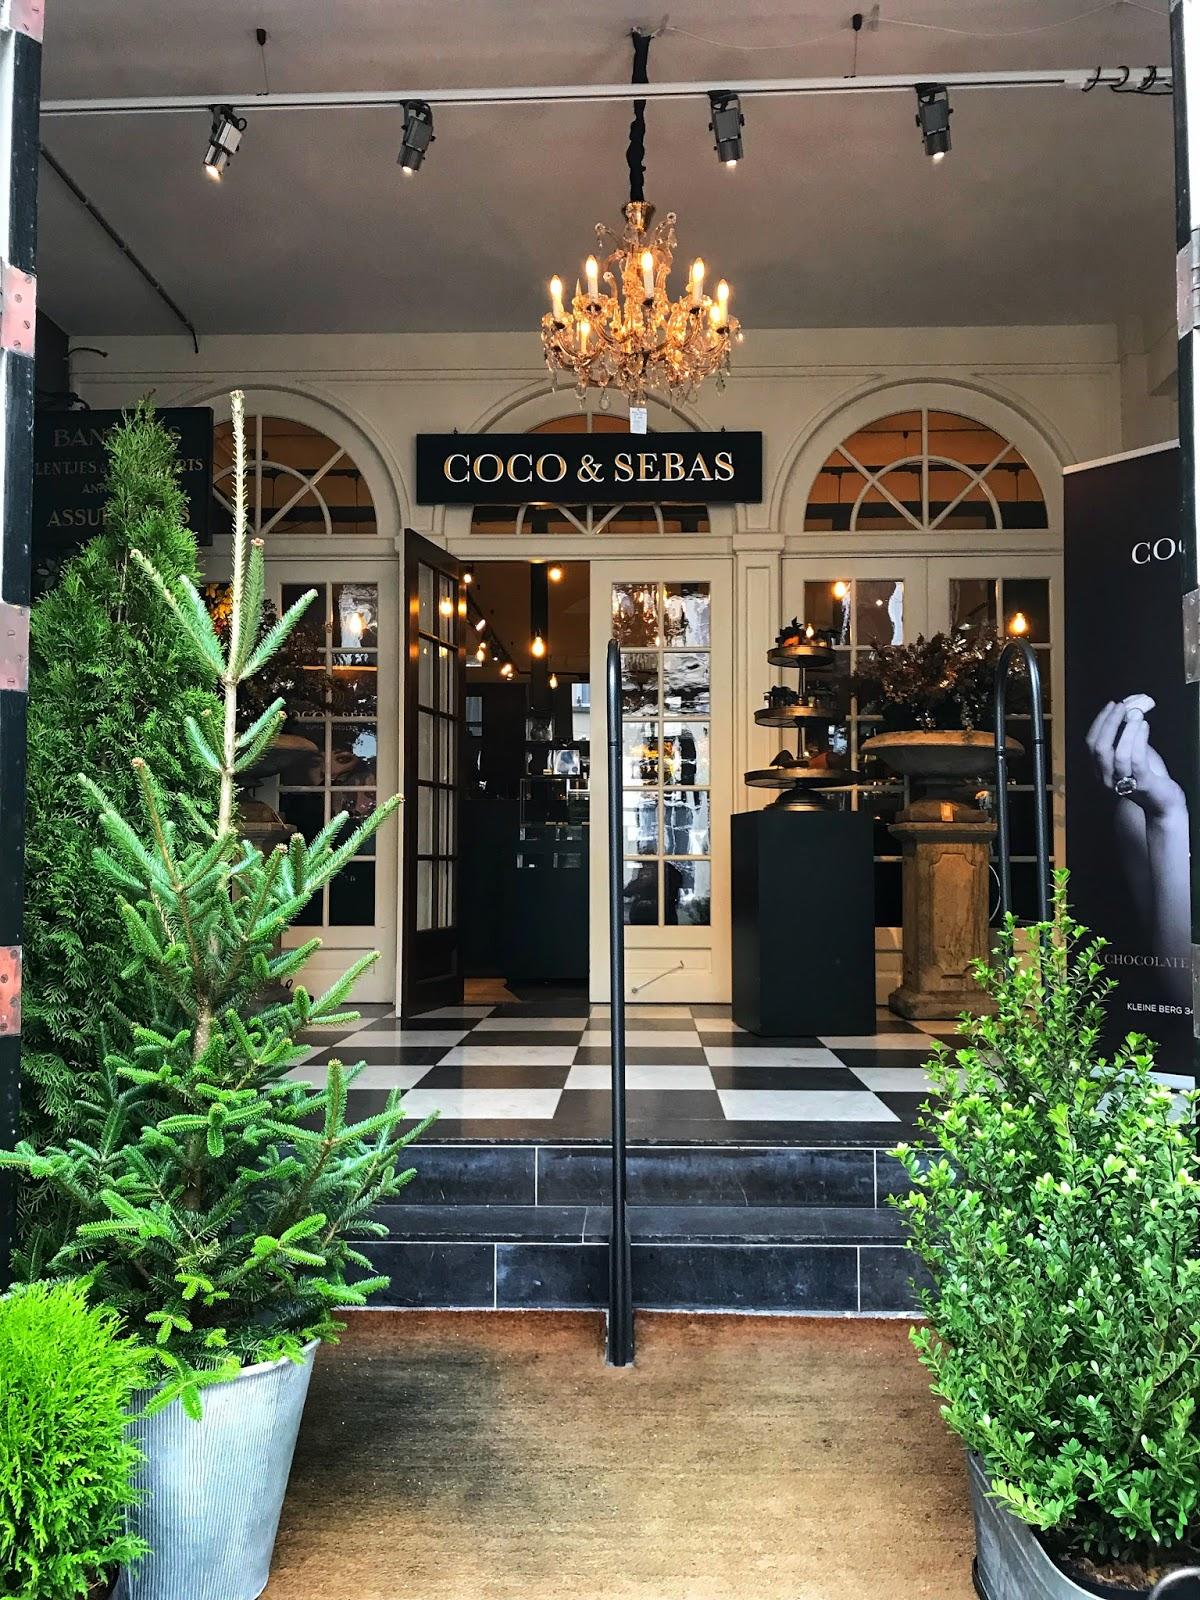 Coco & Sebas chocolatiers Den Bosch